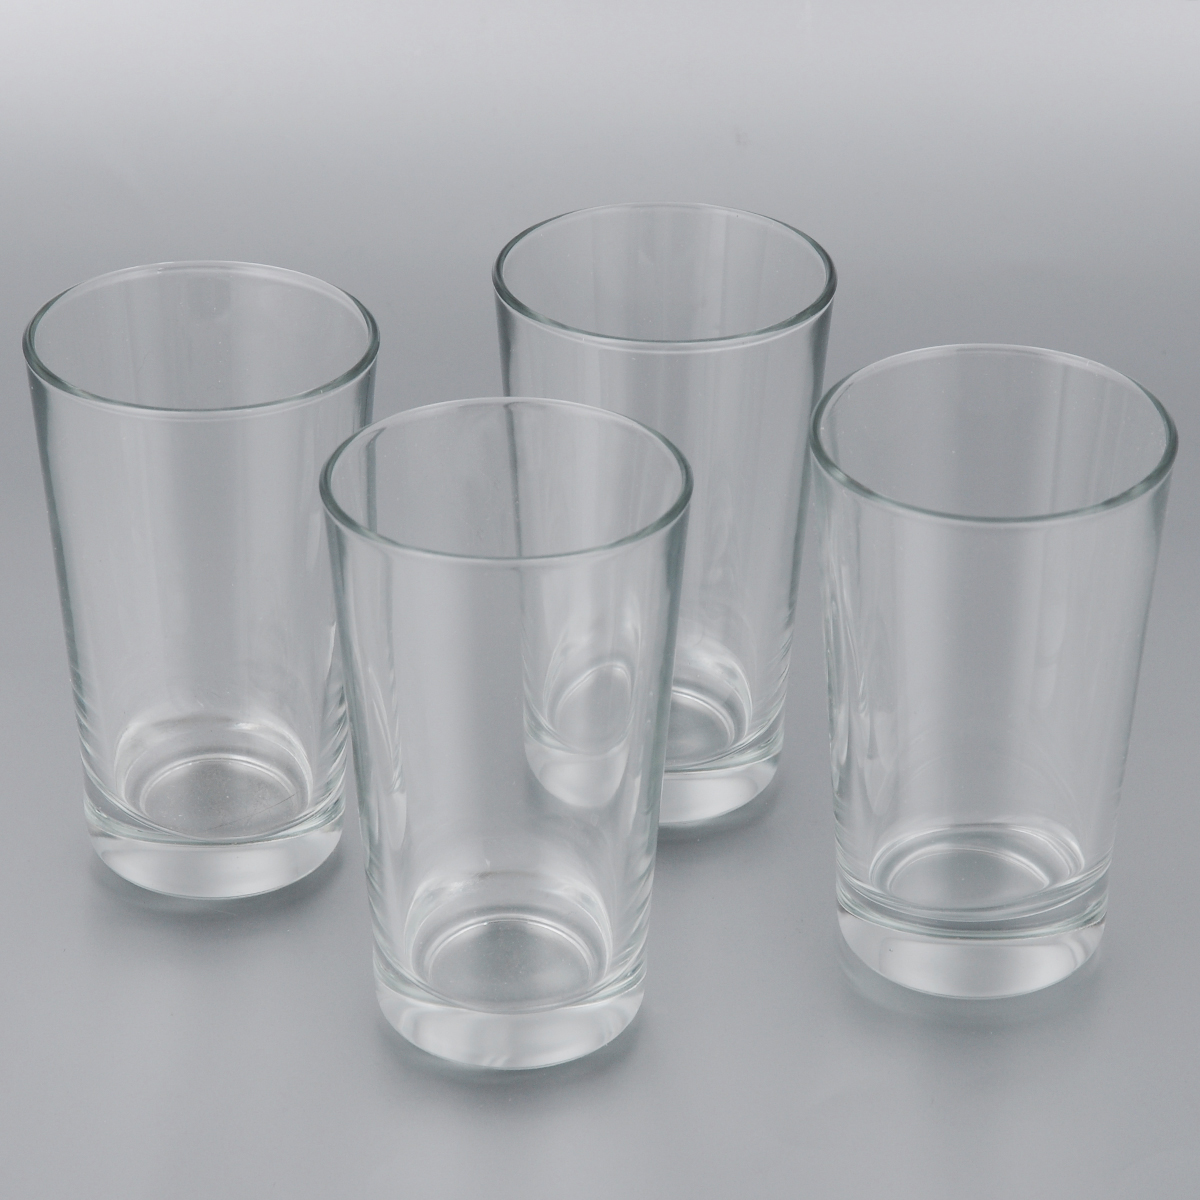 Набор стаканов Bormioli Rocco Cometa, 300 мл, 4 штVT-1520(SR)Набор Bormioli Rocco Cometa состоит из четырех высоких стаканов, выполненных из высококачественного стекла. Изделия предназначены для подачи холодных напитков. Они сочетают в себе элегантный дизайн и функциональность. Благодаря такому набору пить напитки будет еще приятнее.Набор стаканов Bormioli Rocco Cometa идеально подойдет для сервировки стола и станет отличным подарком к любому празднику.Характеристики:Объем стакана: 300 мл.Диаметр стакана (по верхнему краю): 7,5 см.Высота стакана: 12,5 см.Диаметр основания стакана: 5,5 см.